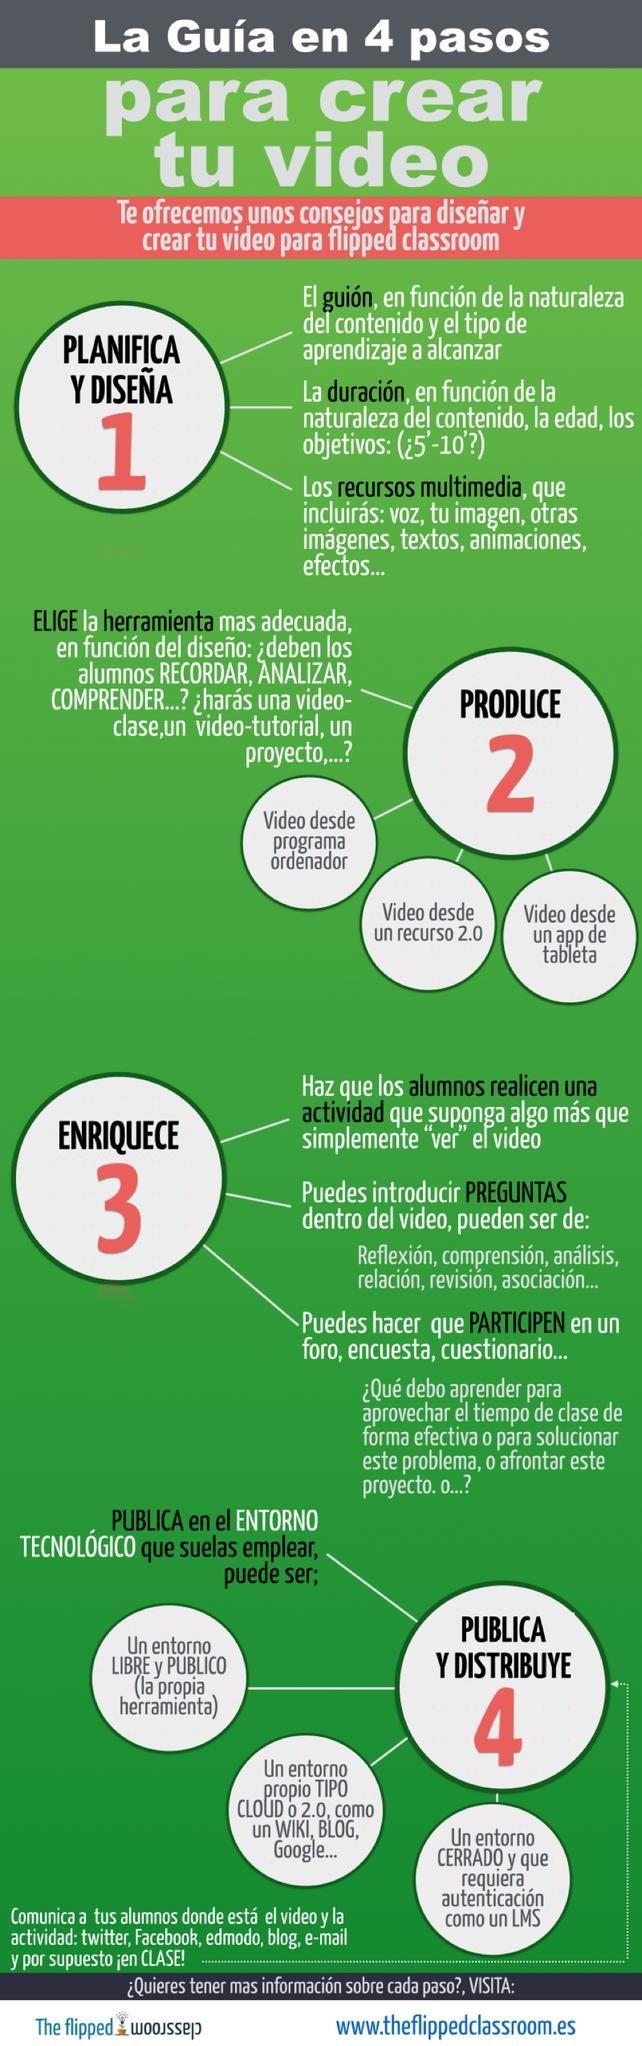 Recomendaciones para realizar vídeos educativos